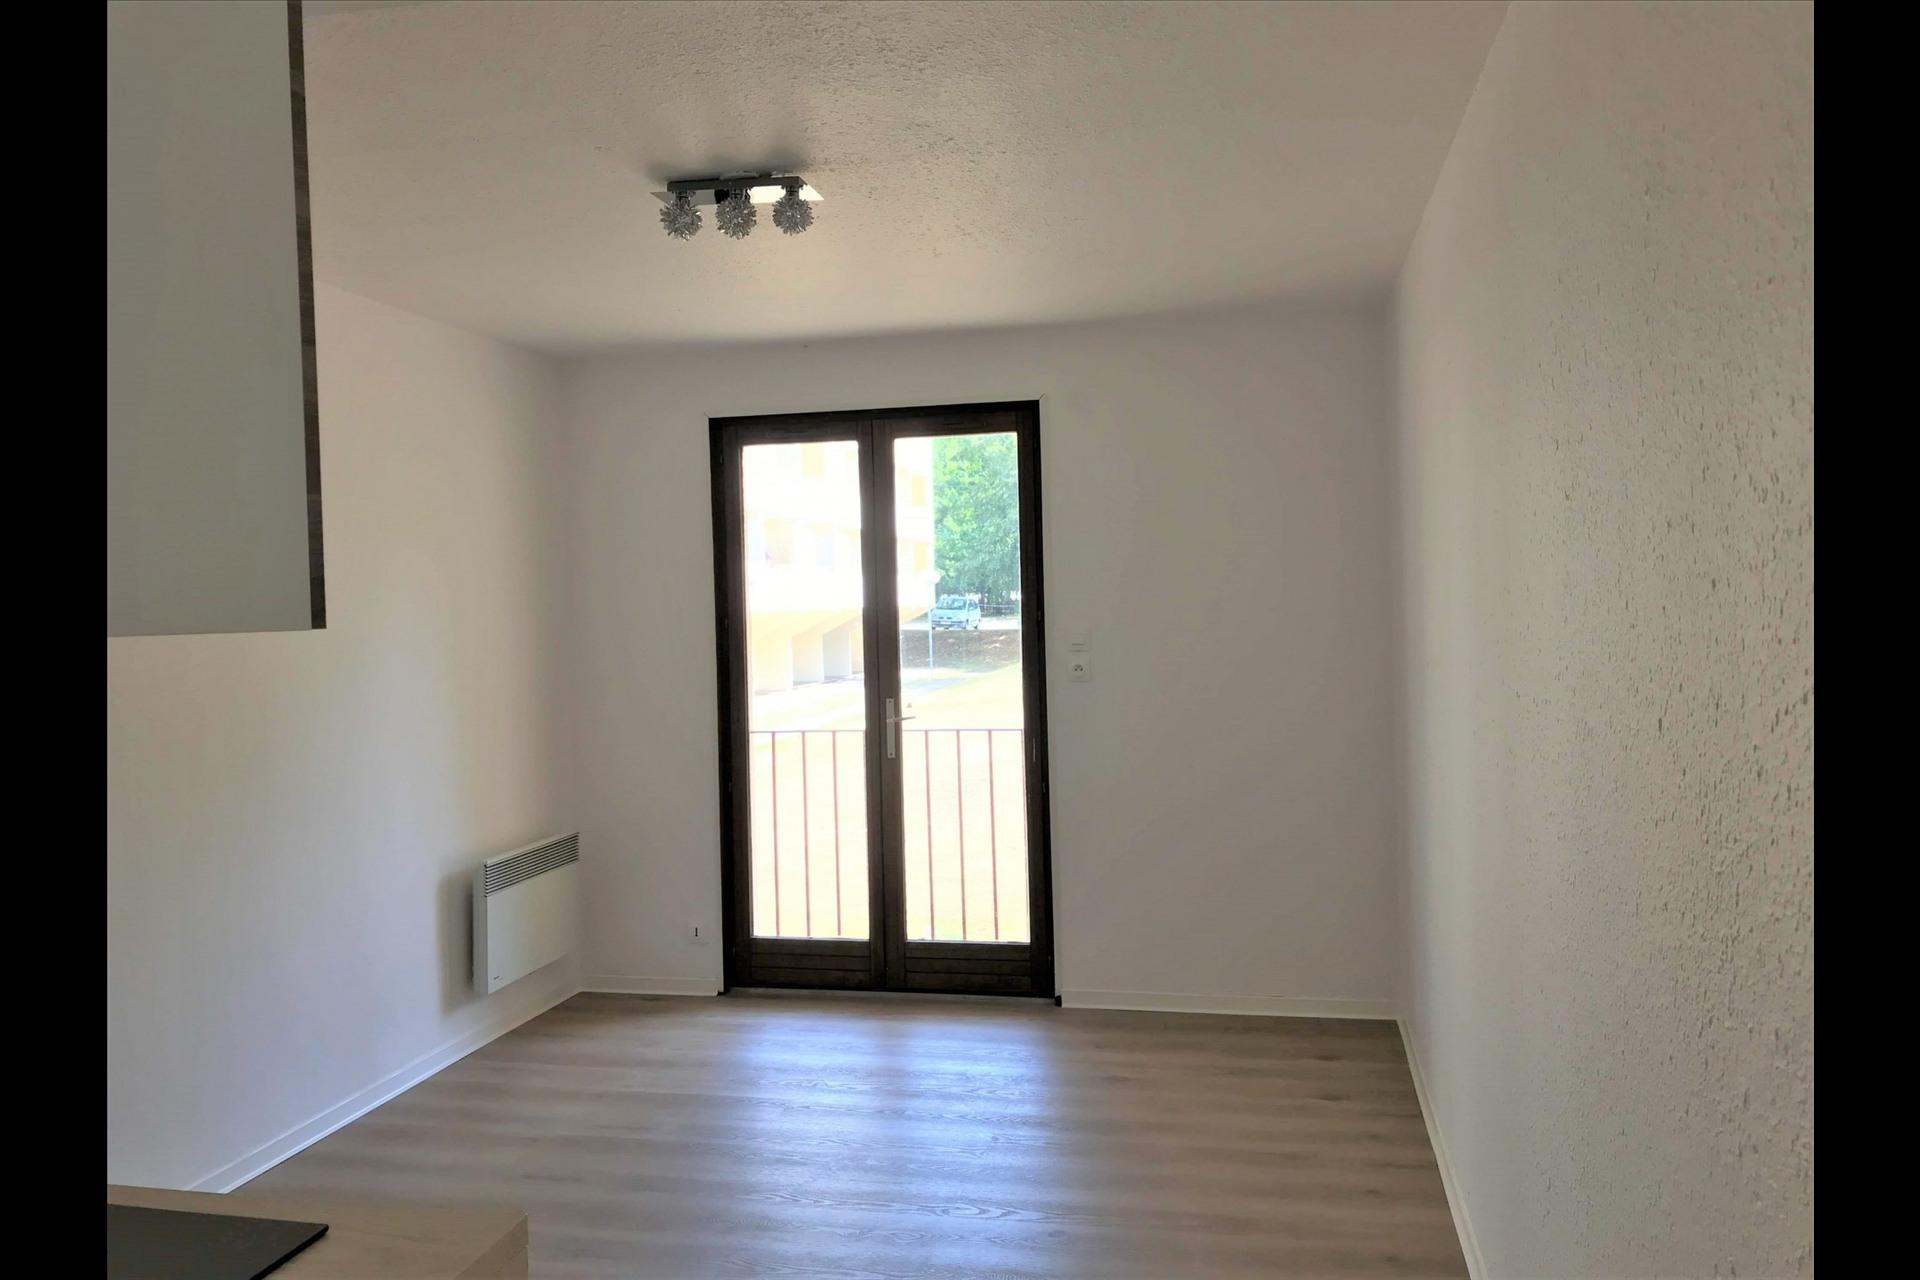 image 1 - Appartement À louer VANDOEUVRE LES NANCY VANDOEUVRE  BRABOIS Plateau de Brabois - 1 pièce